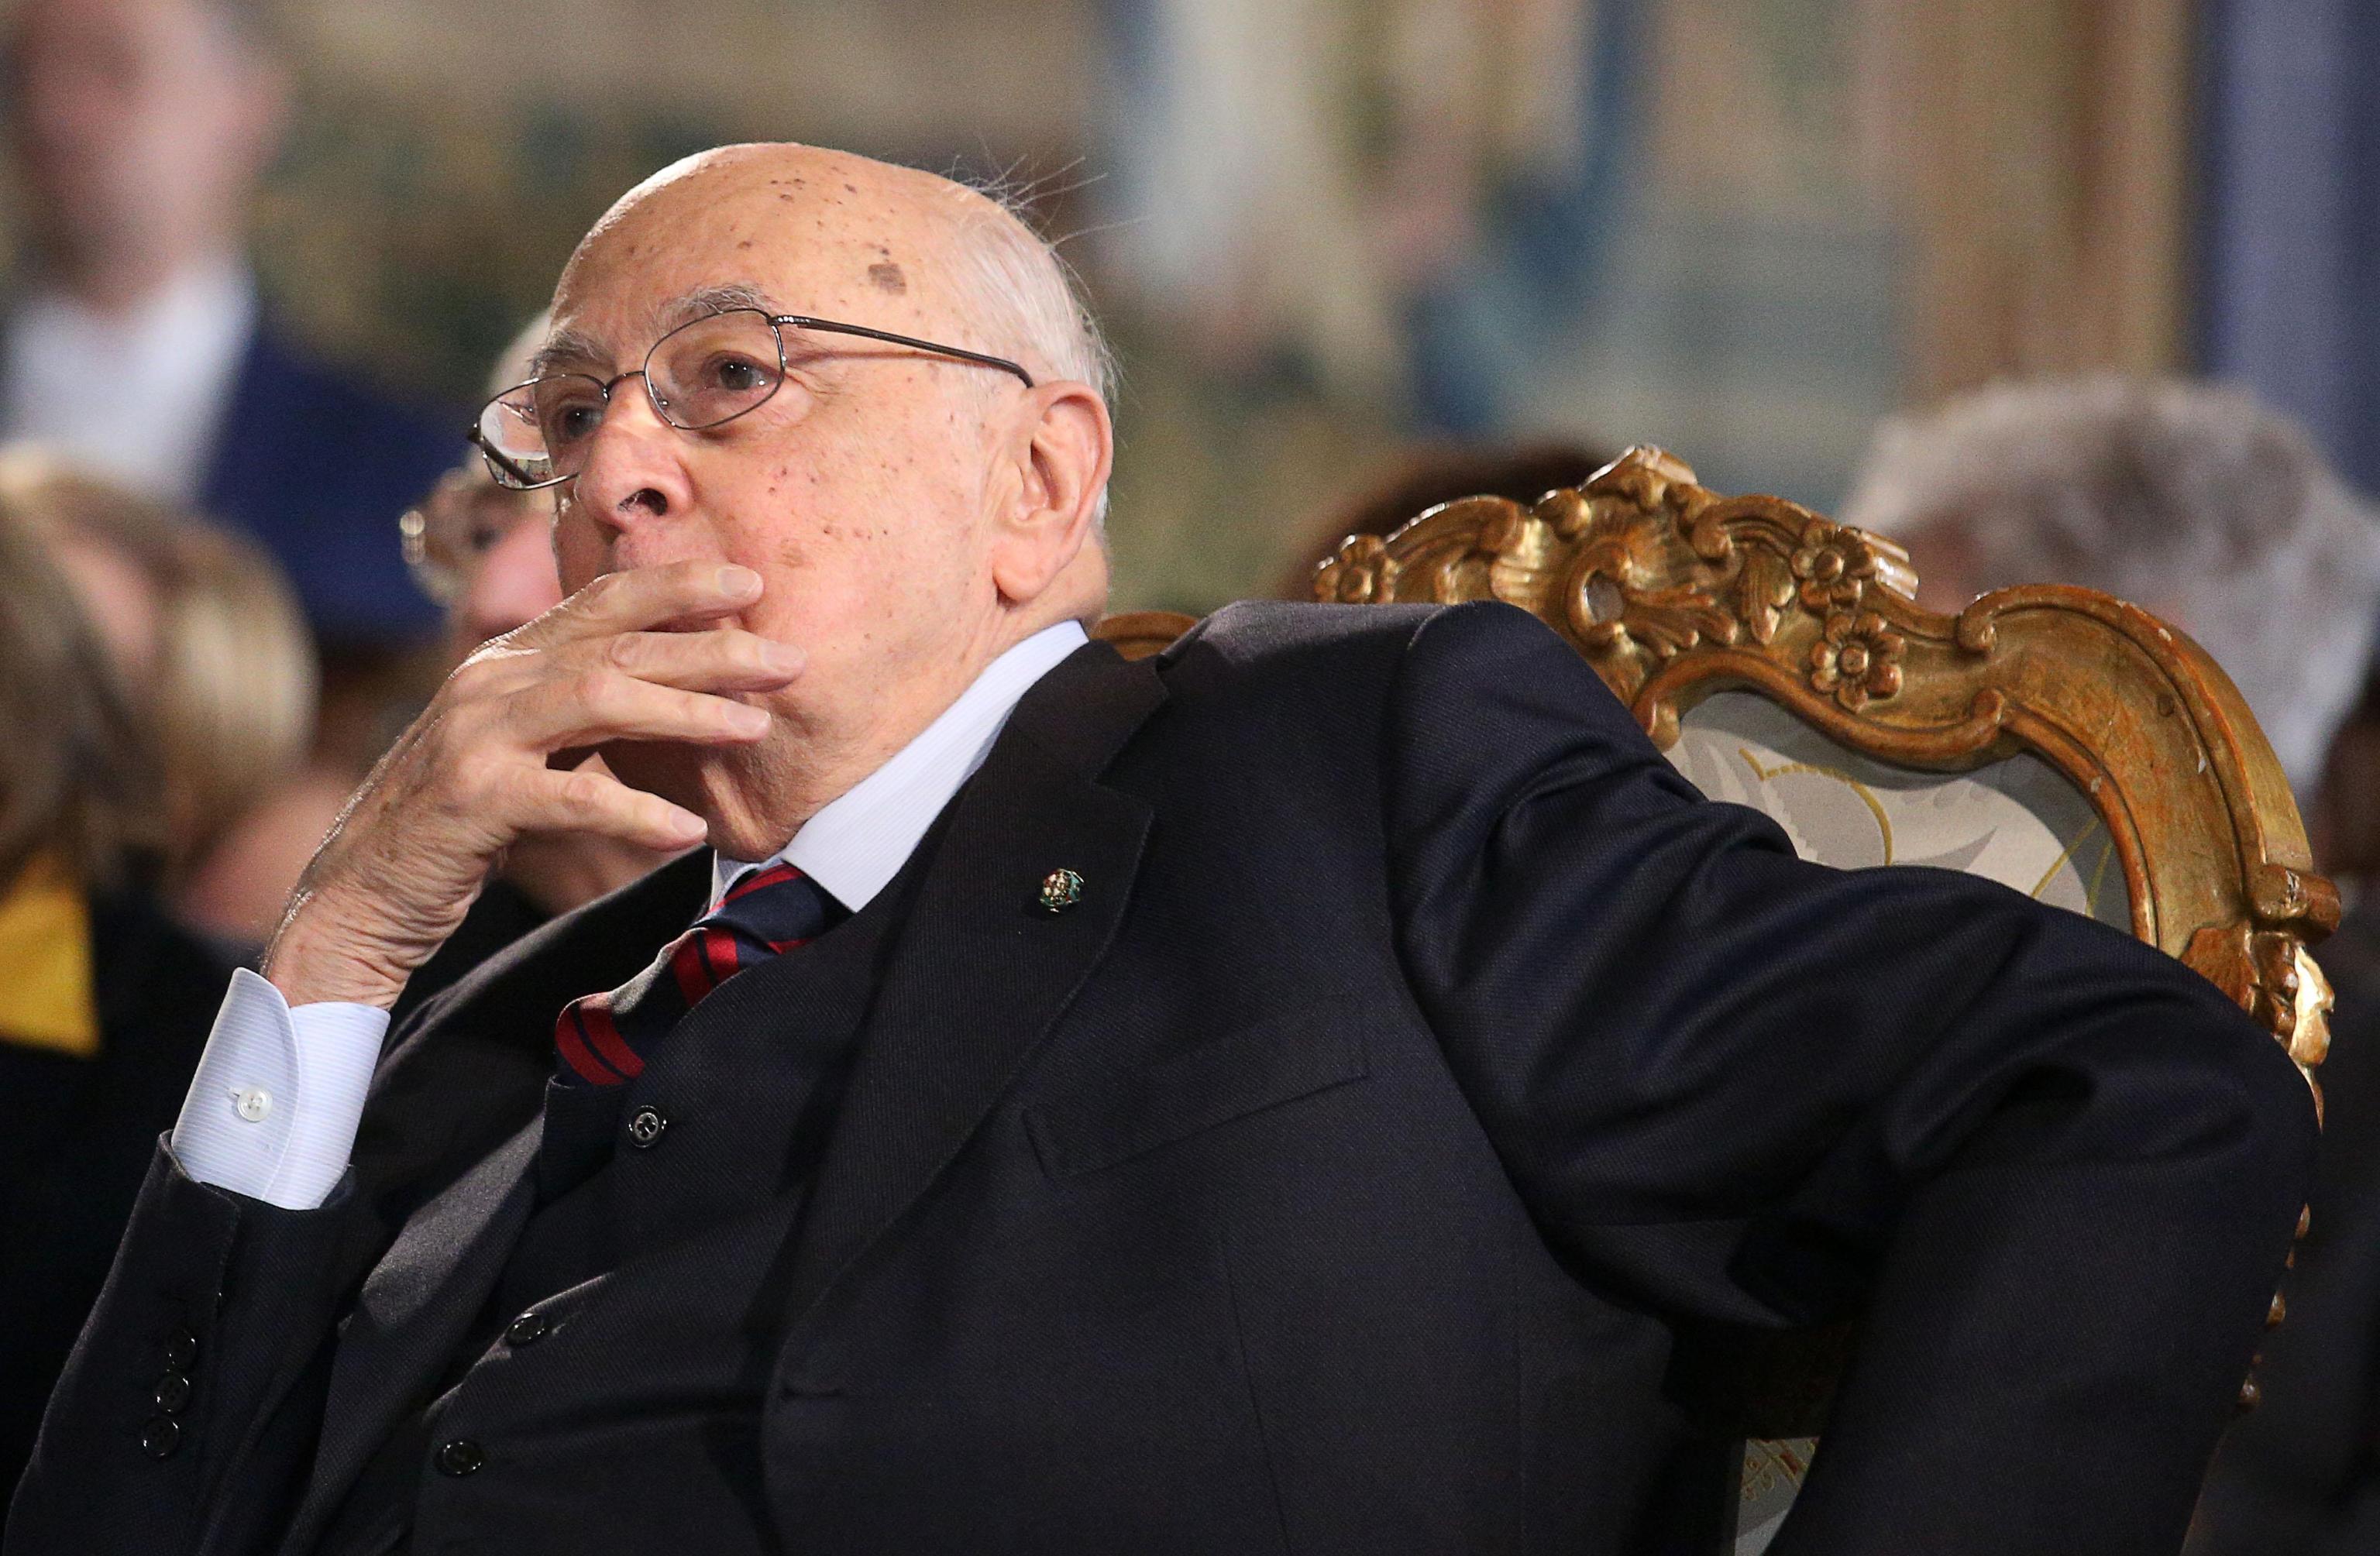 """Trattativa Stato-mafia, Giorgio Napolitano chiamato come testimone: """"valuteremo con rispetto"""""""